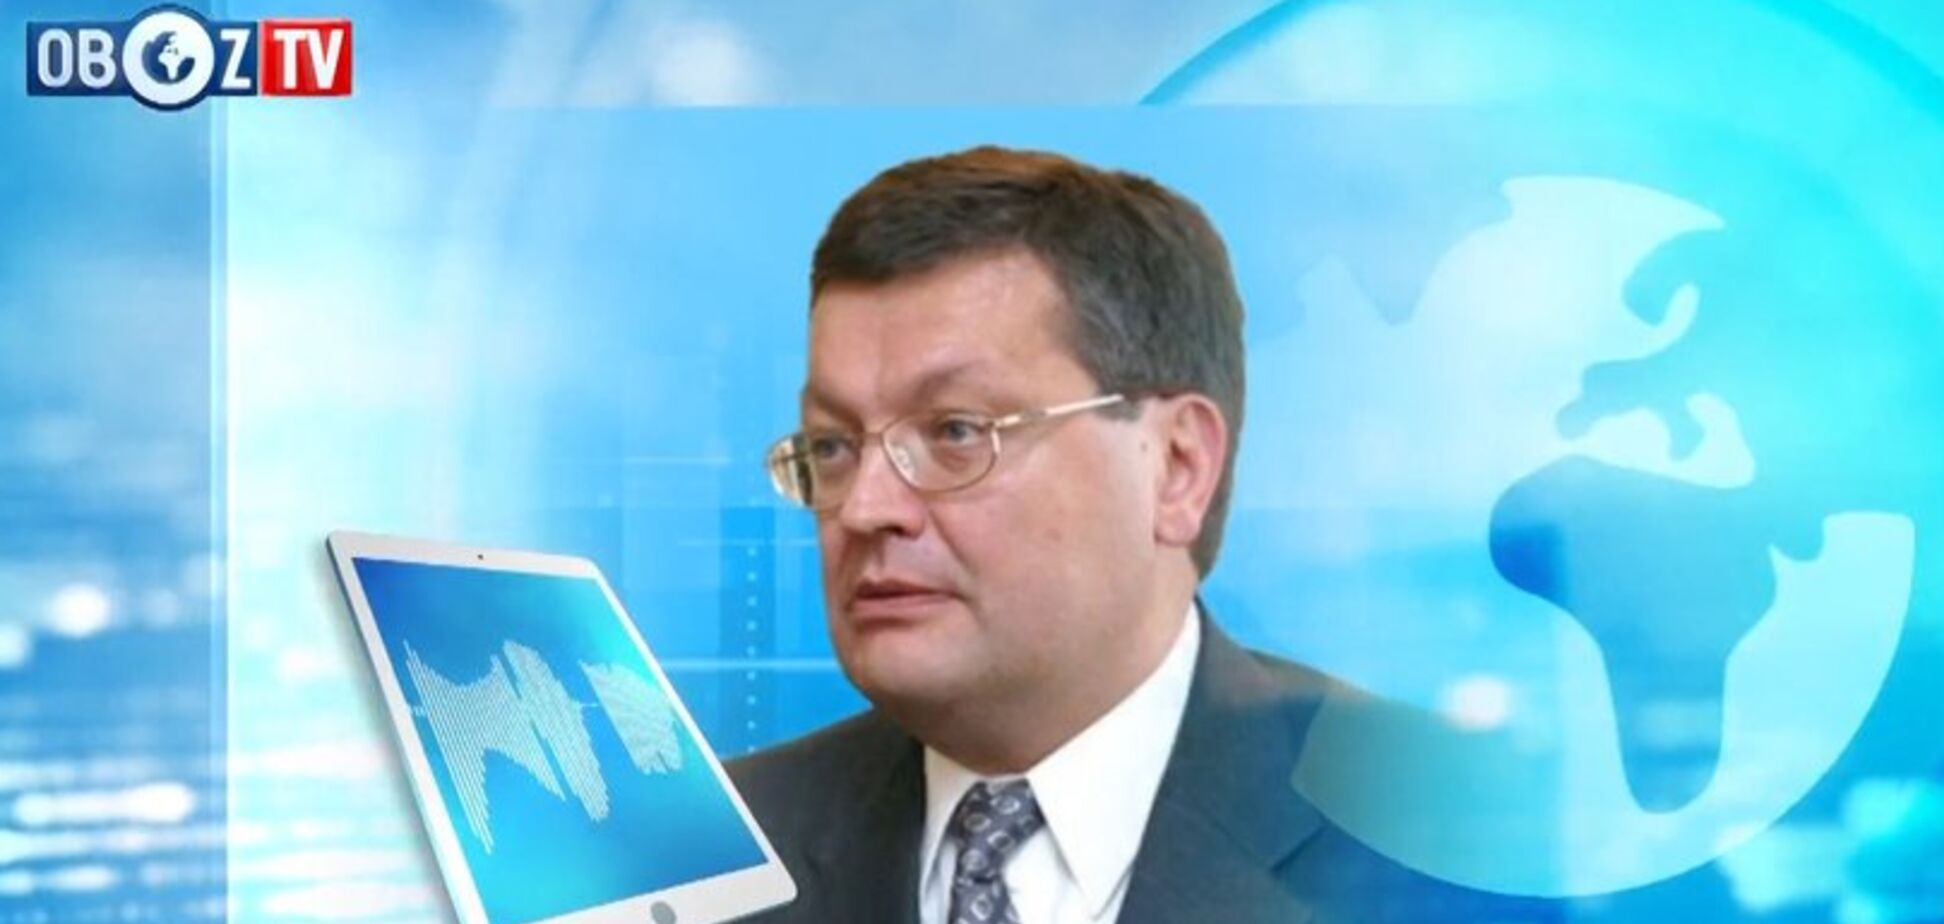 Непопулярные решения – единственный способ договориться с Москвой: дипломат